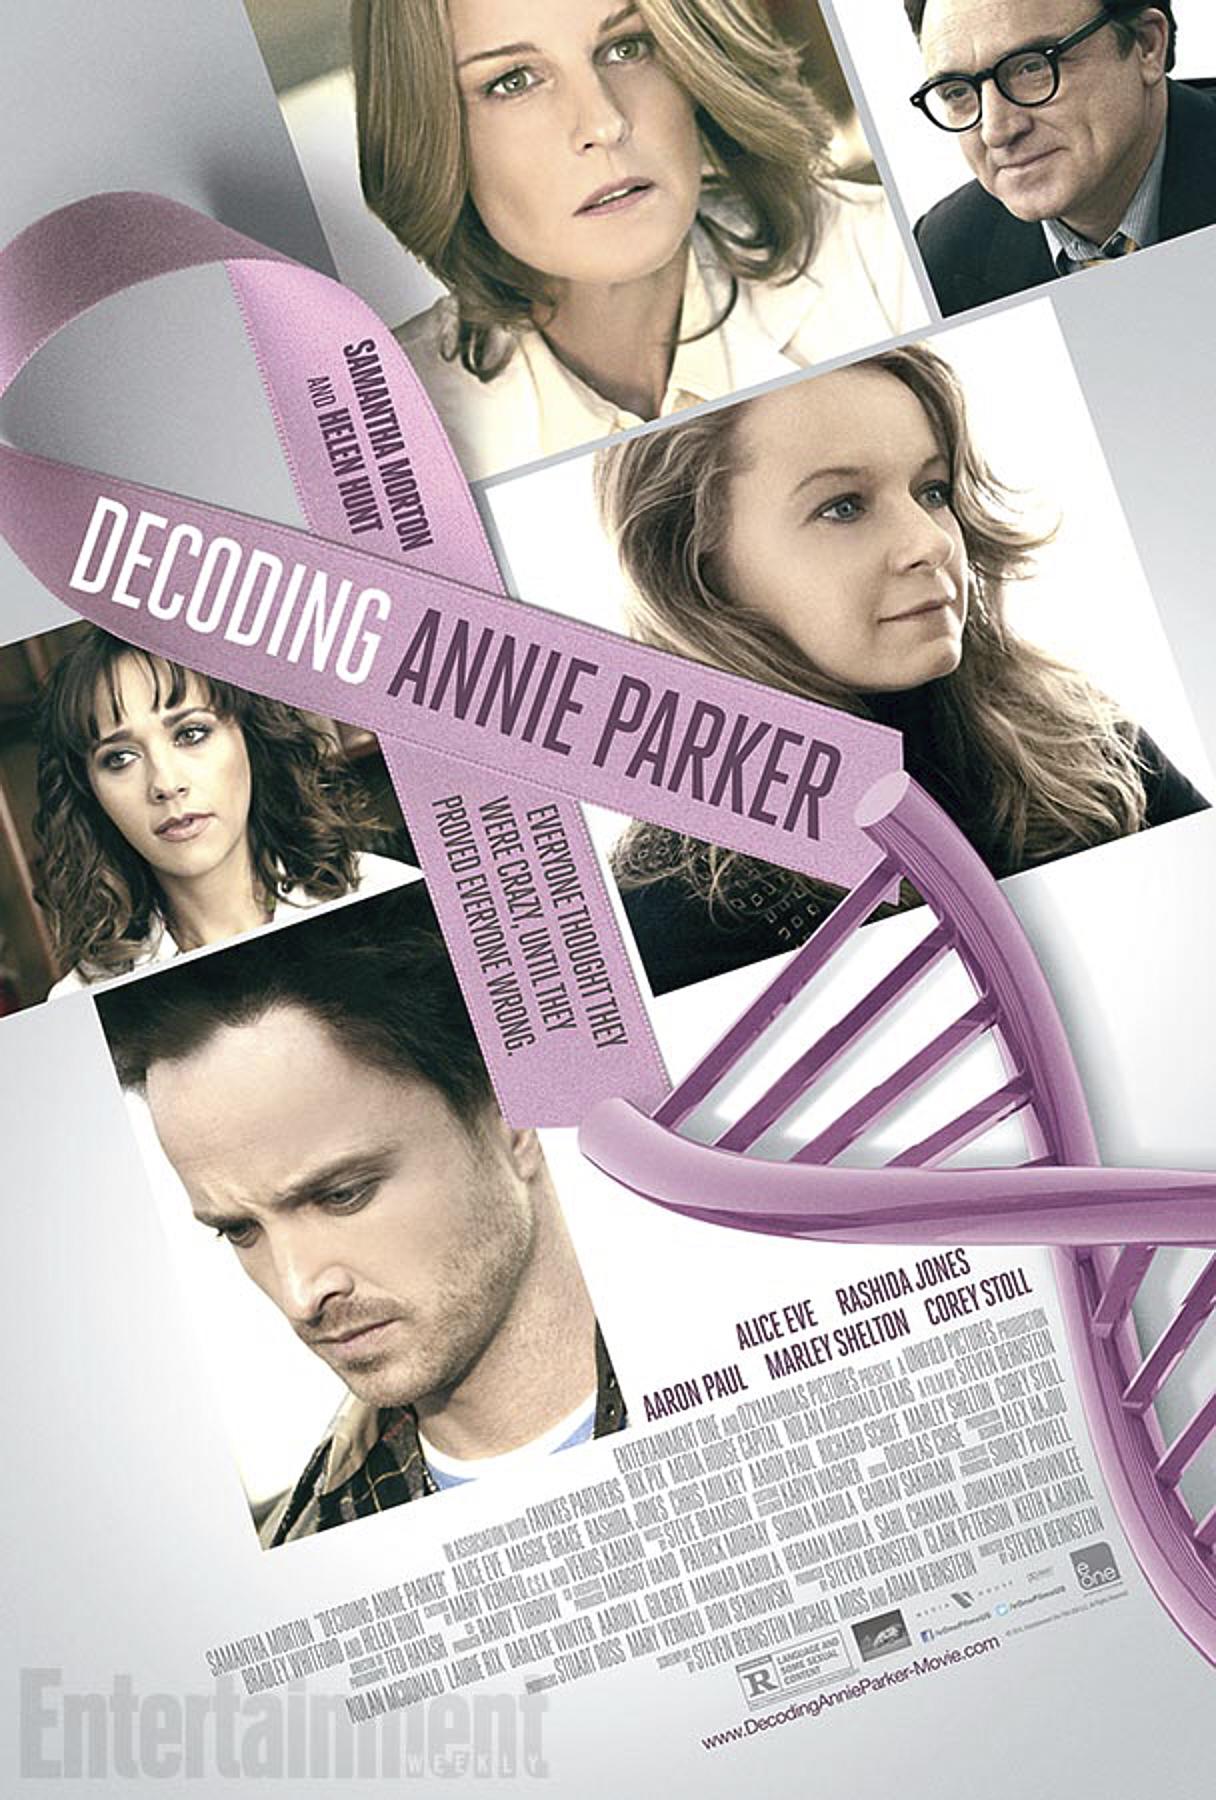 Decoding-Annie-Parker_608x900.jpg